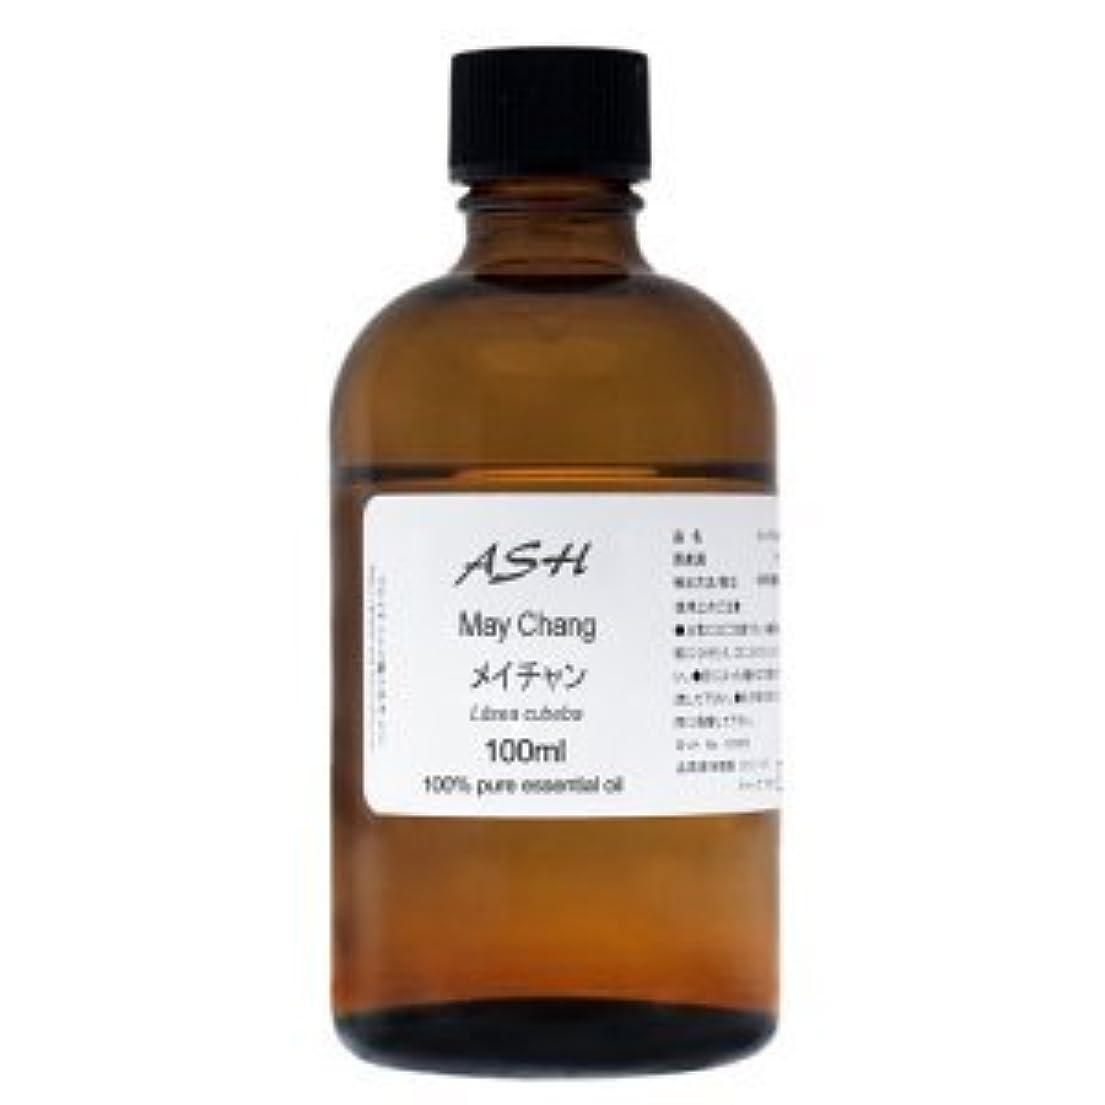 ディスコウッズしつけASH メイチャン エッセンシャルオイル 100ml AEAJ表示基準適合認定精油